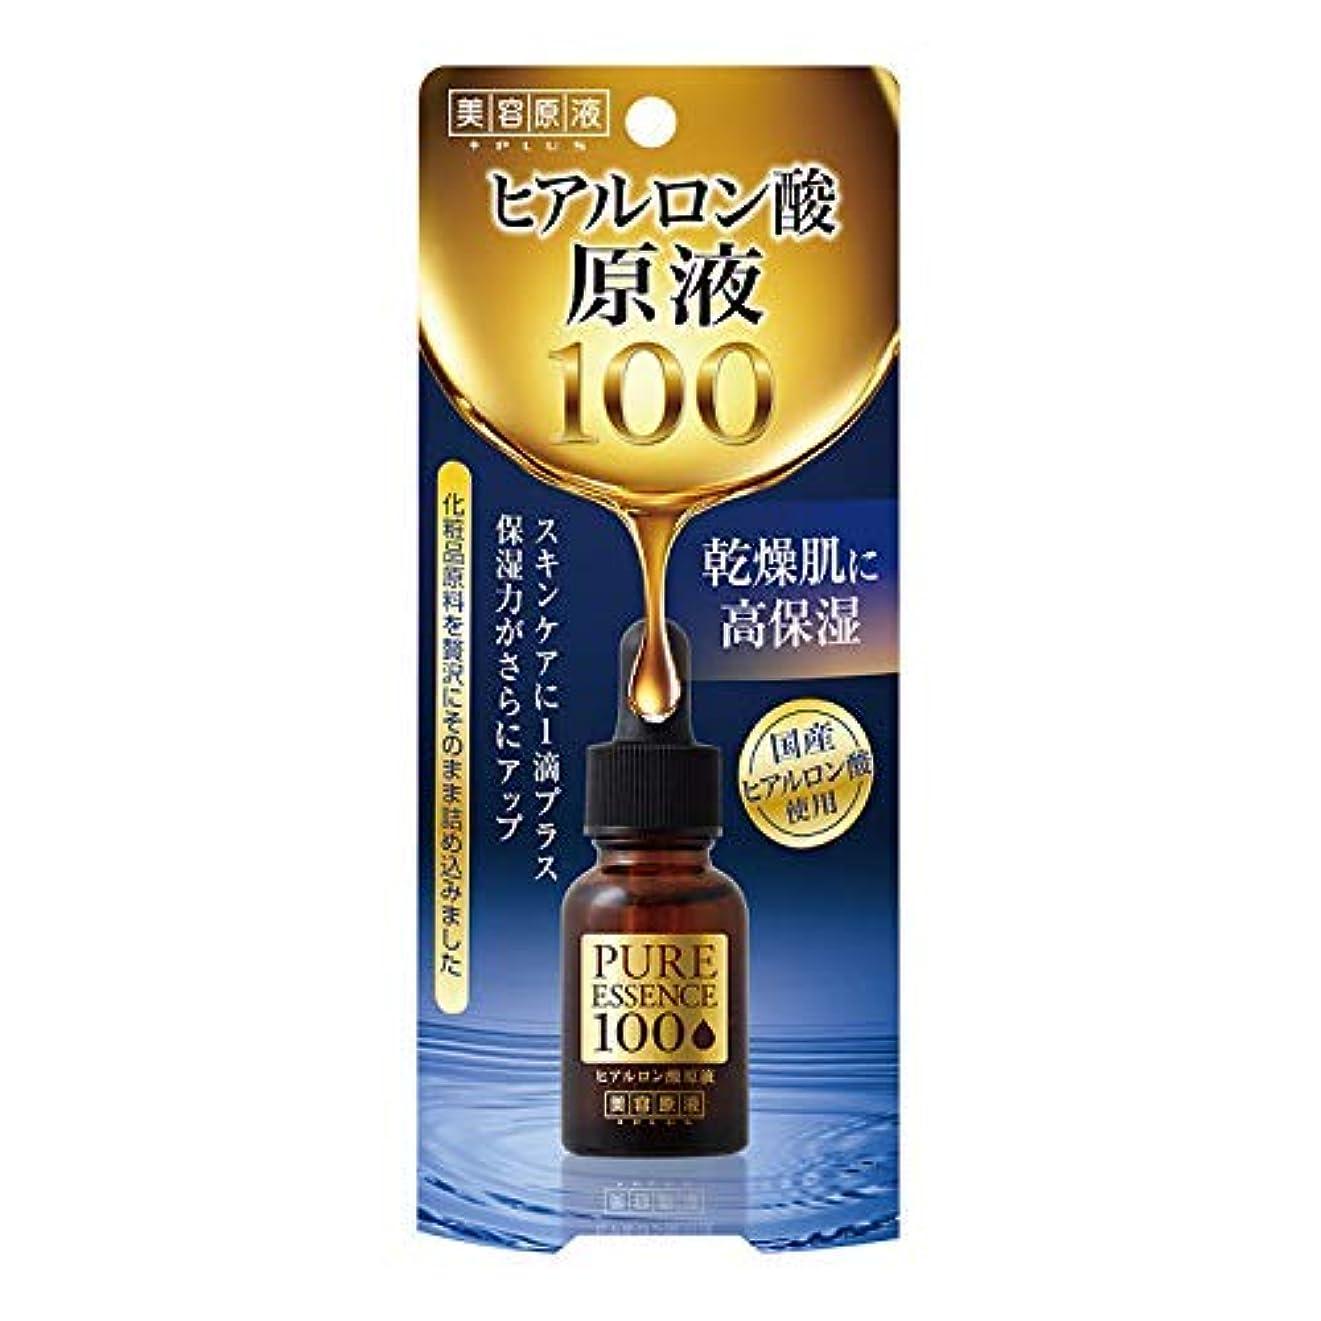 順応性のある酸化物創傷美容原液 ヒアルロン酸原液100N × 4個セット